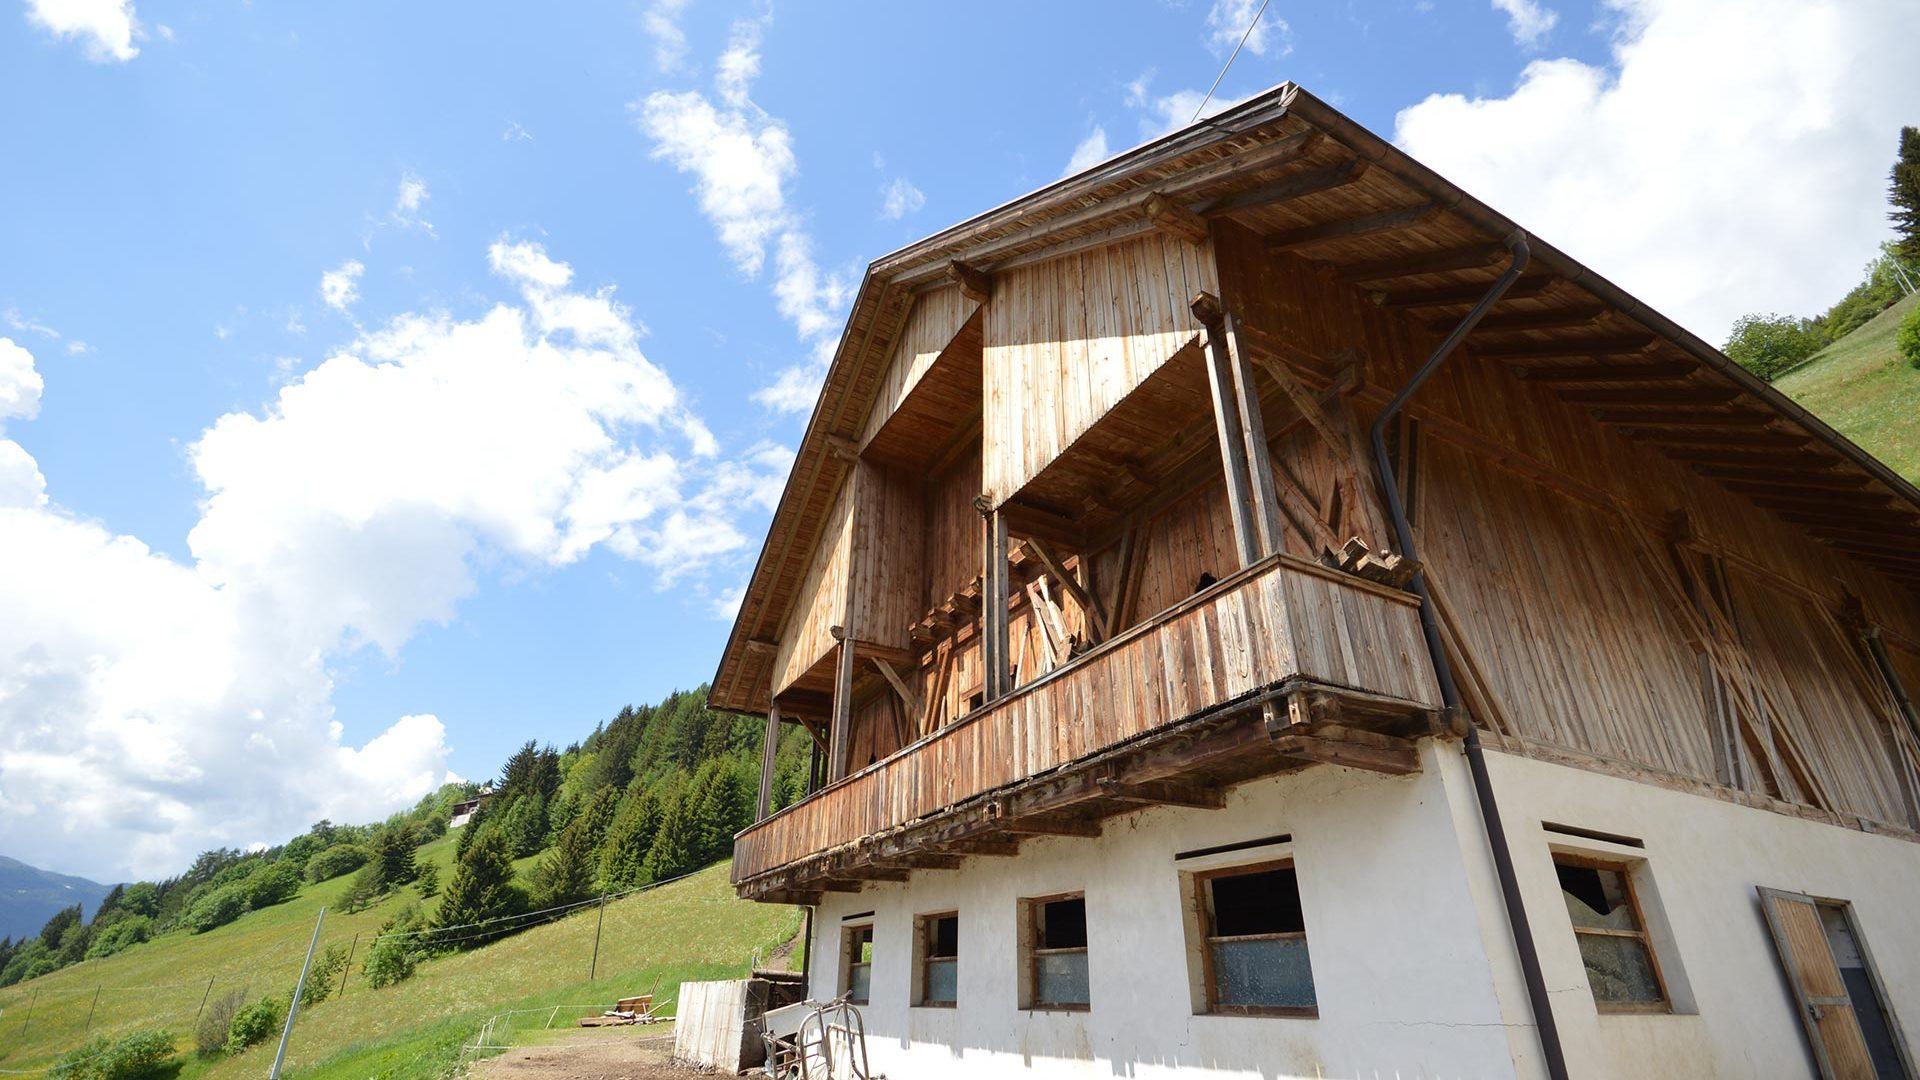 Kindlerhof in Hofern, Kiens - Farm holidays in Val Pusteria